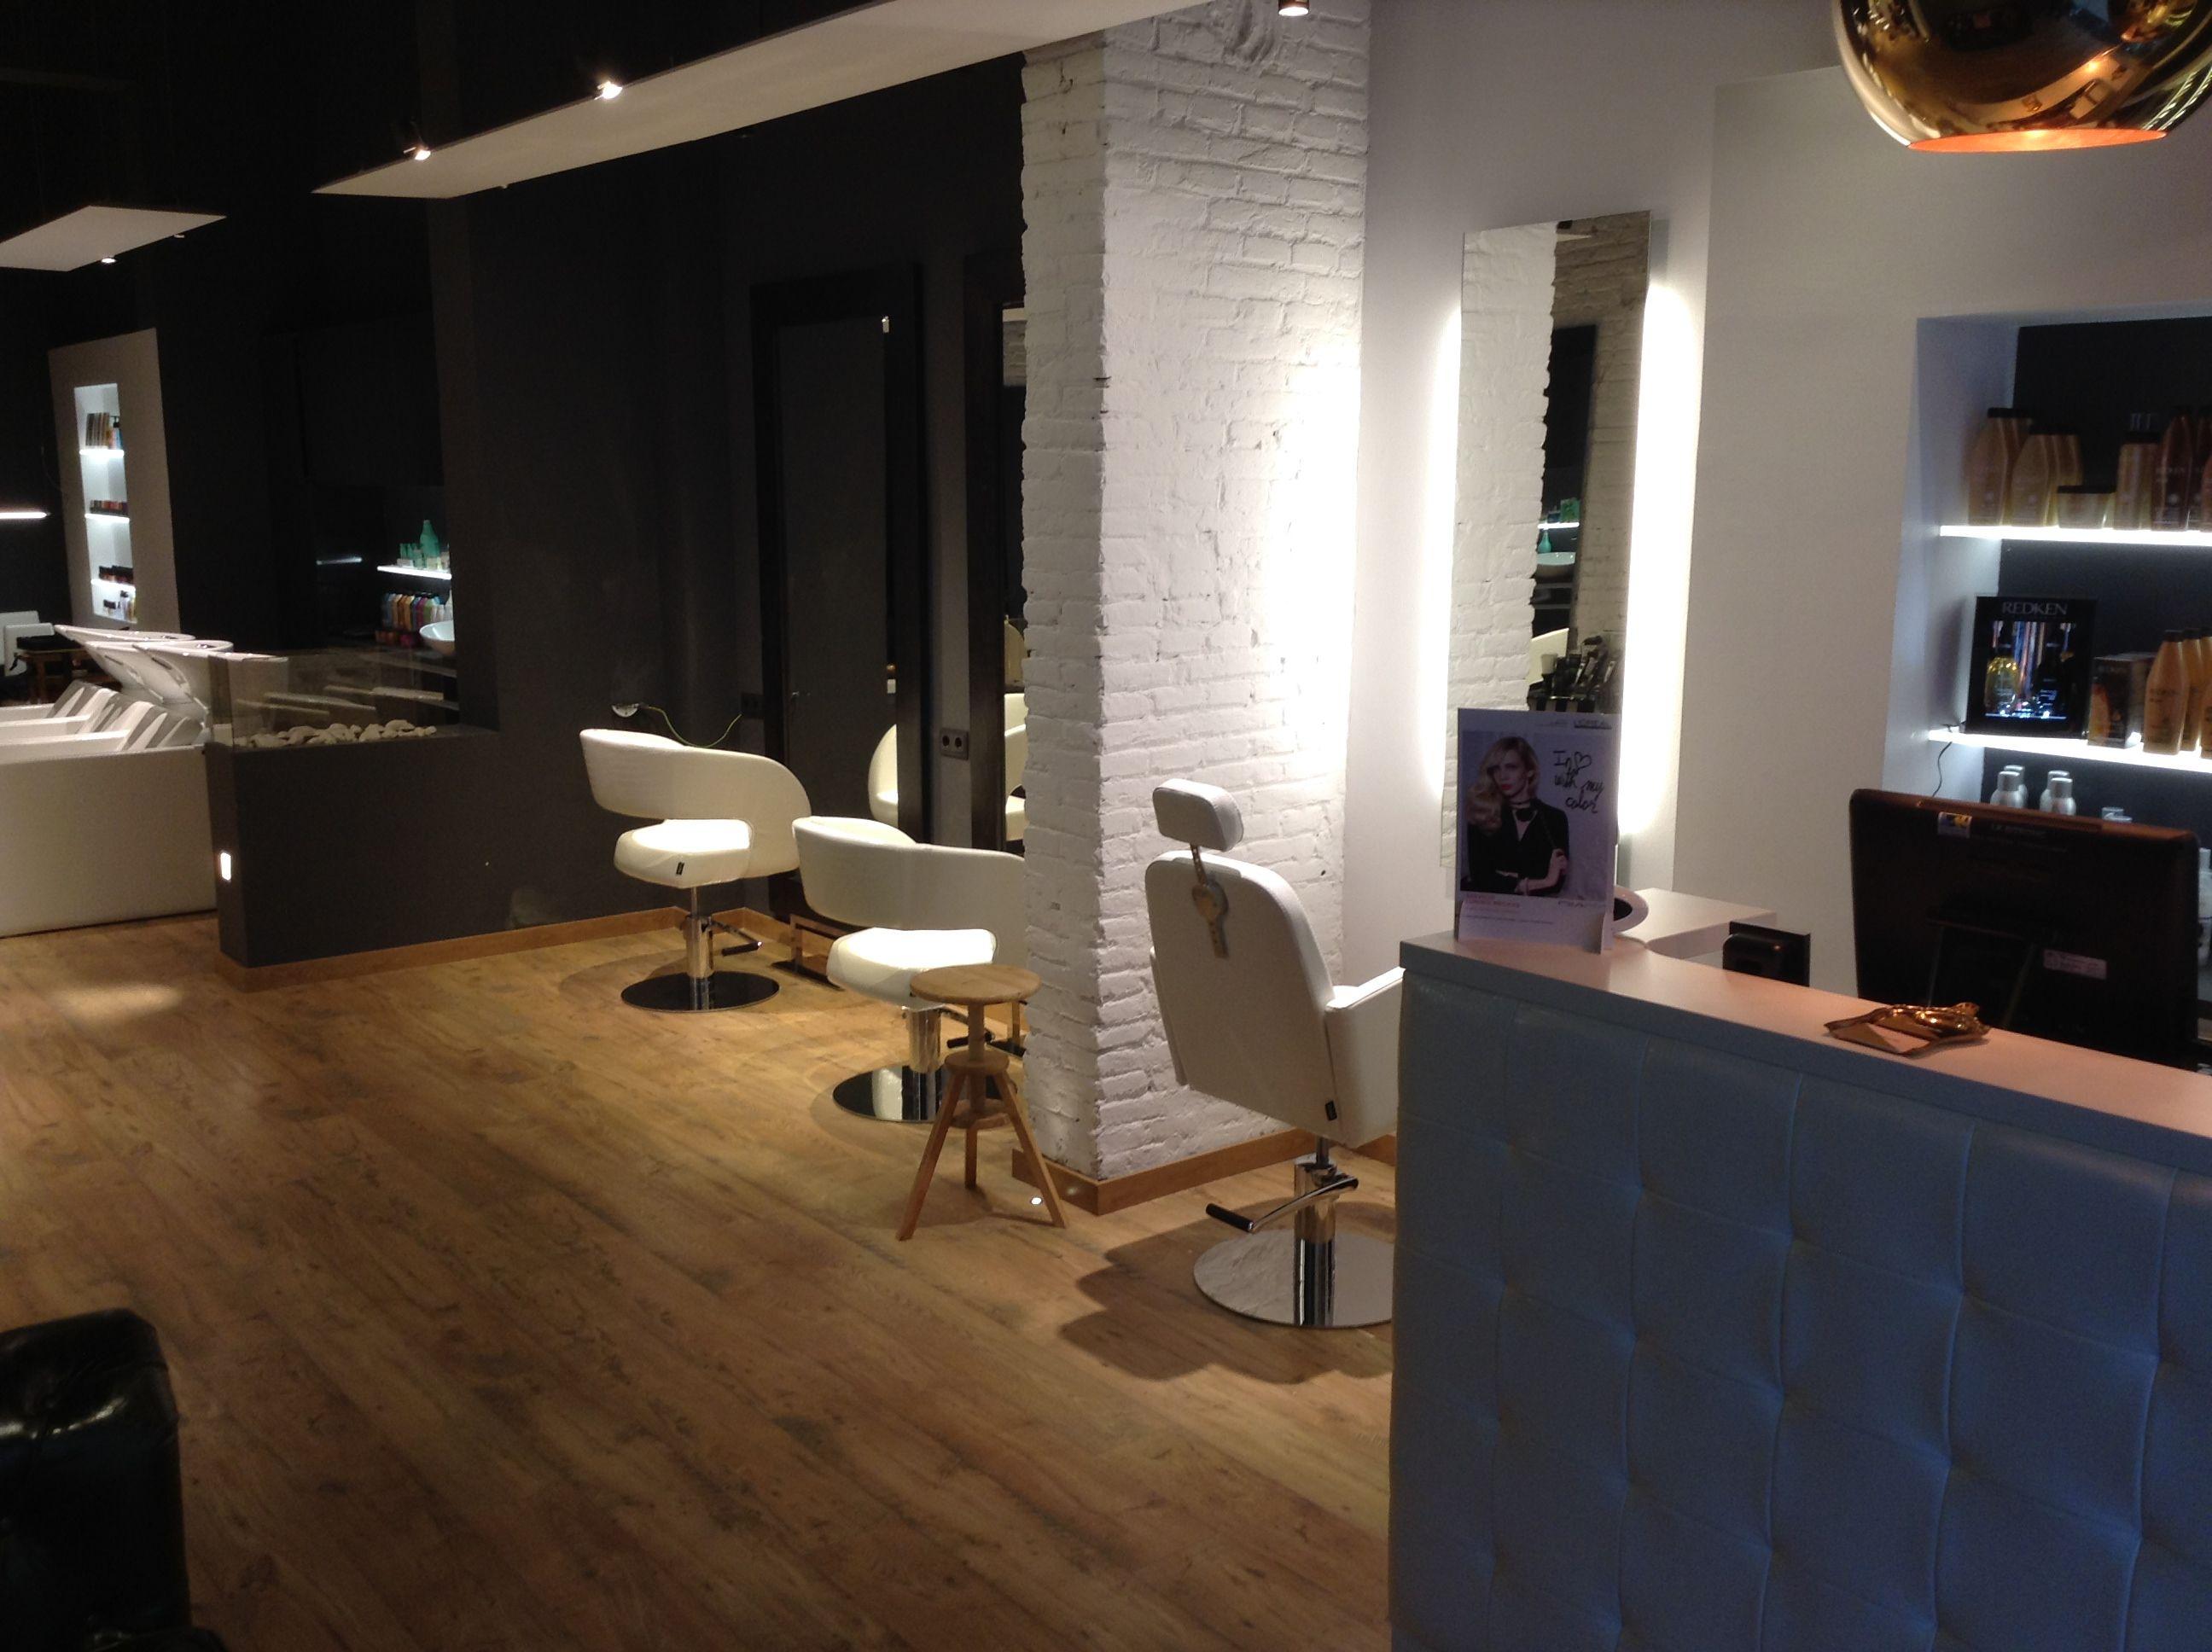 Muebles De Peluqueria Pahi - En La Calle Gandesa 3 De Barcelona Se Encuentra La Peluqueria El [mjhdah]https://i.pinimg.com/originals/59/e6/e0/59e6e0d40a96439c5d5346051e266d06.jpg